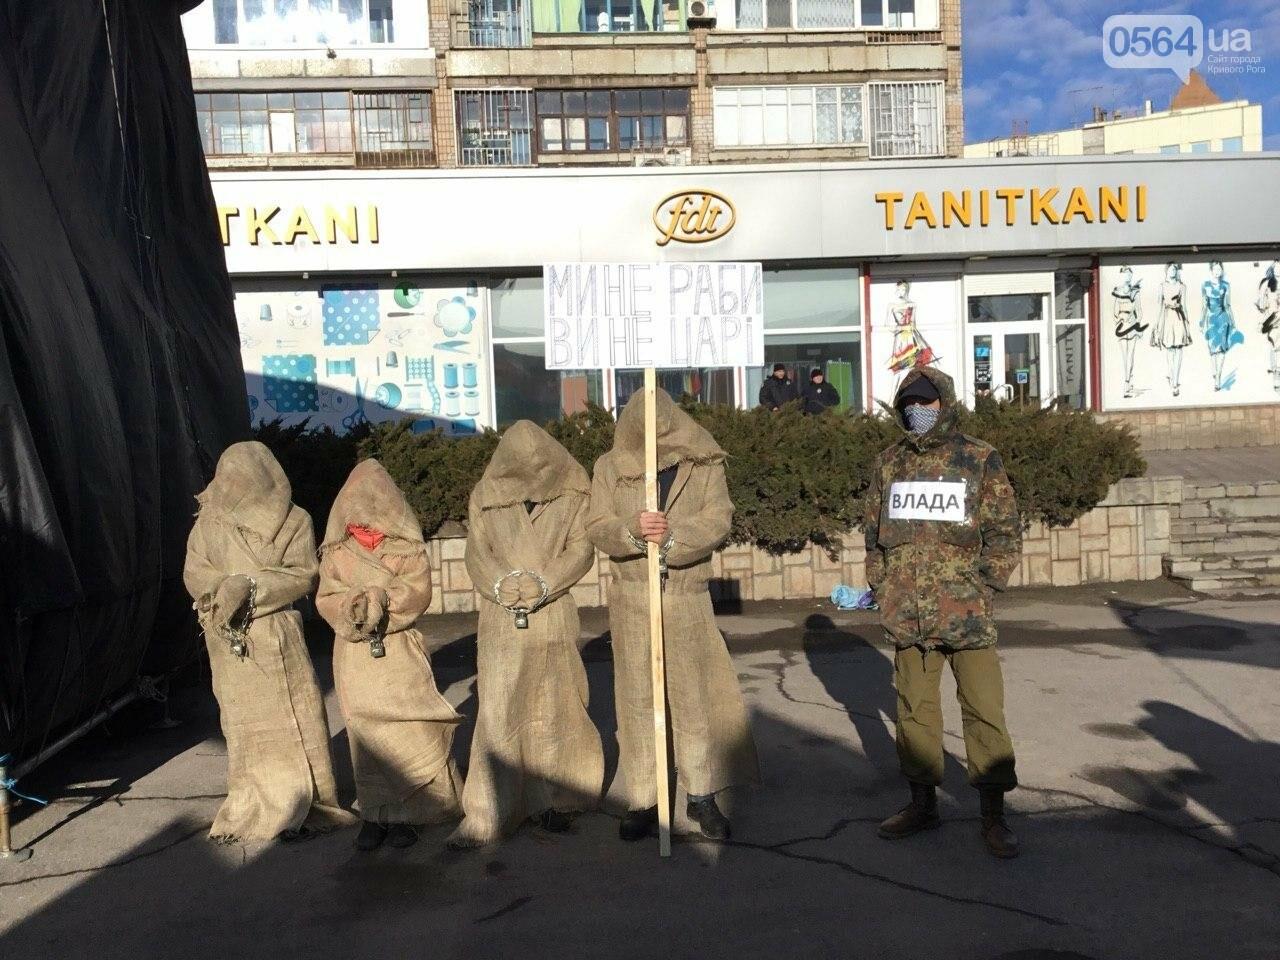 В Кривом Роге протестуют против принятия Радой нового трудового законодательства, - ФОТО, ВИДЕО, фото-1